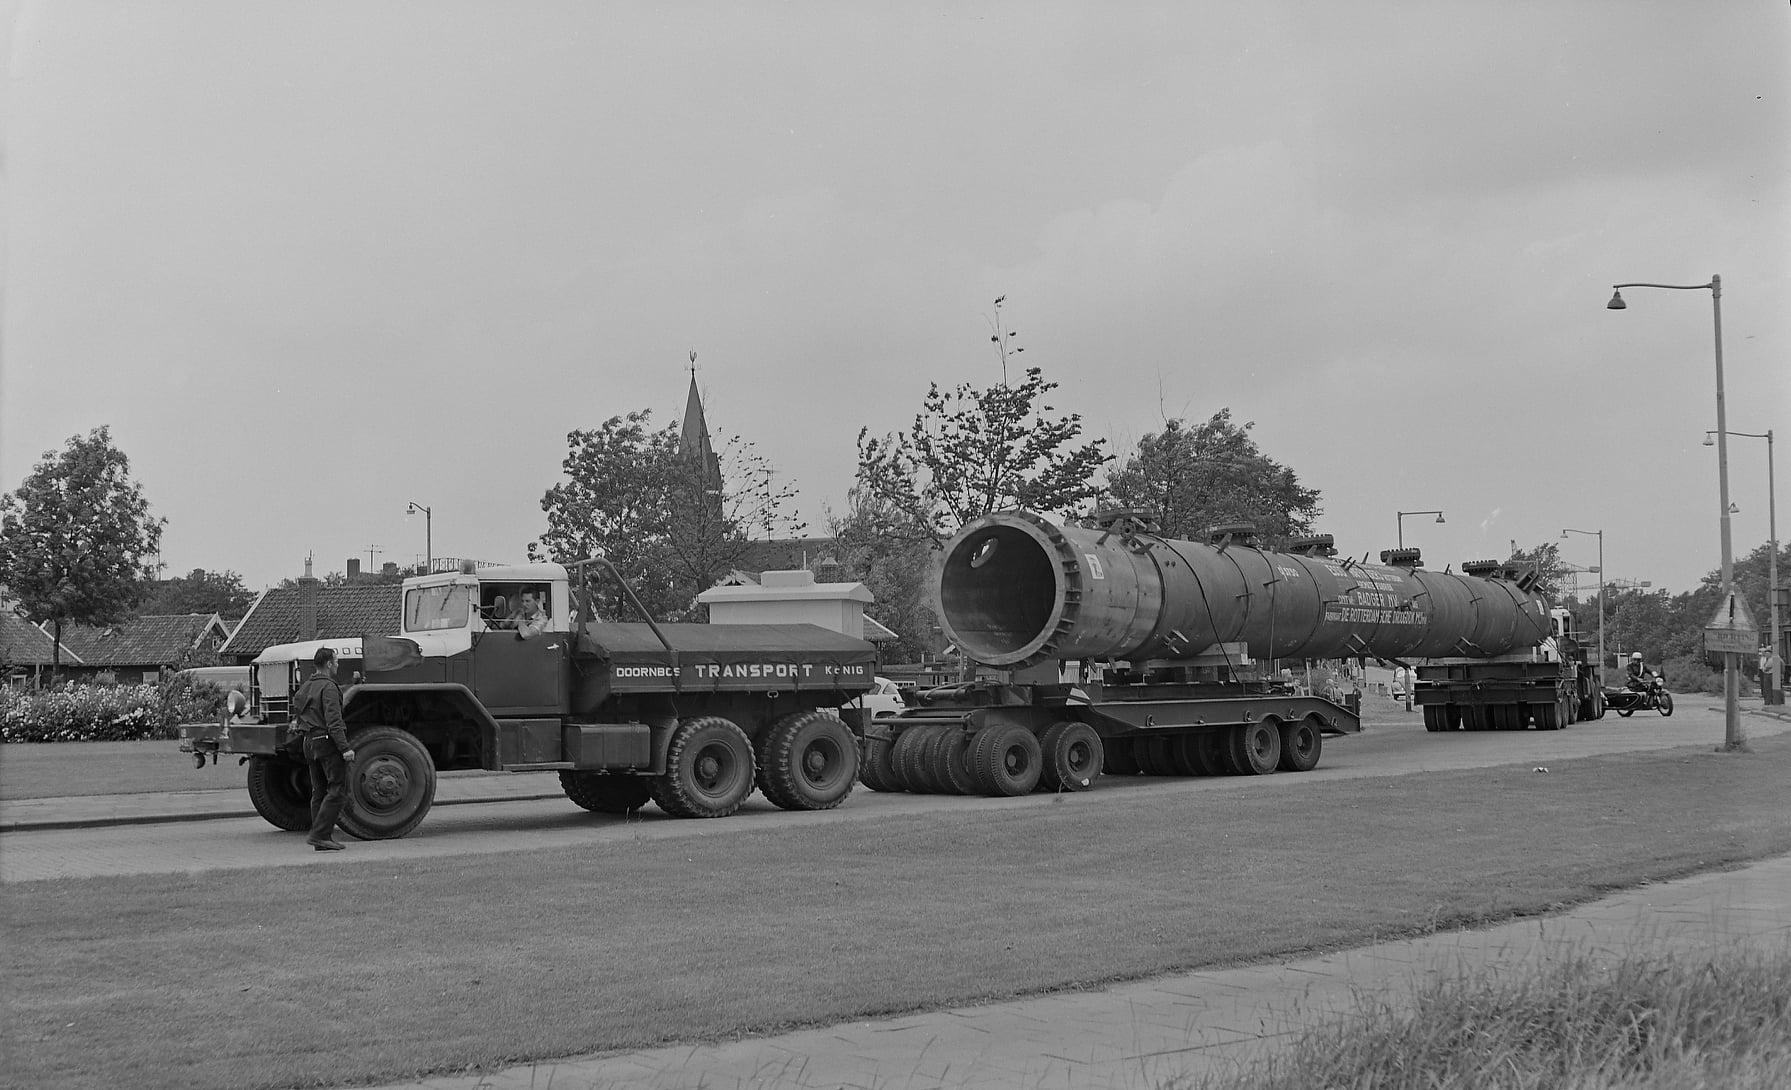 Willem-Rouw--1963-Rotterdam-Tuindorp-Heijplaat-Doornbos--